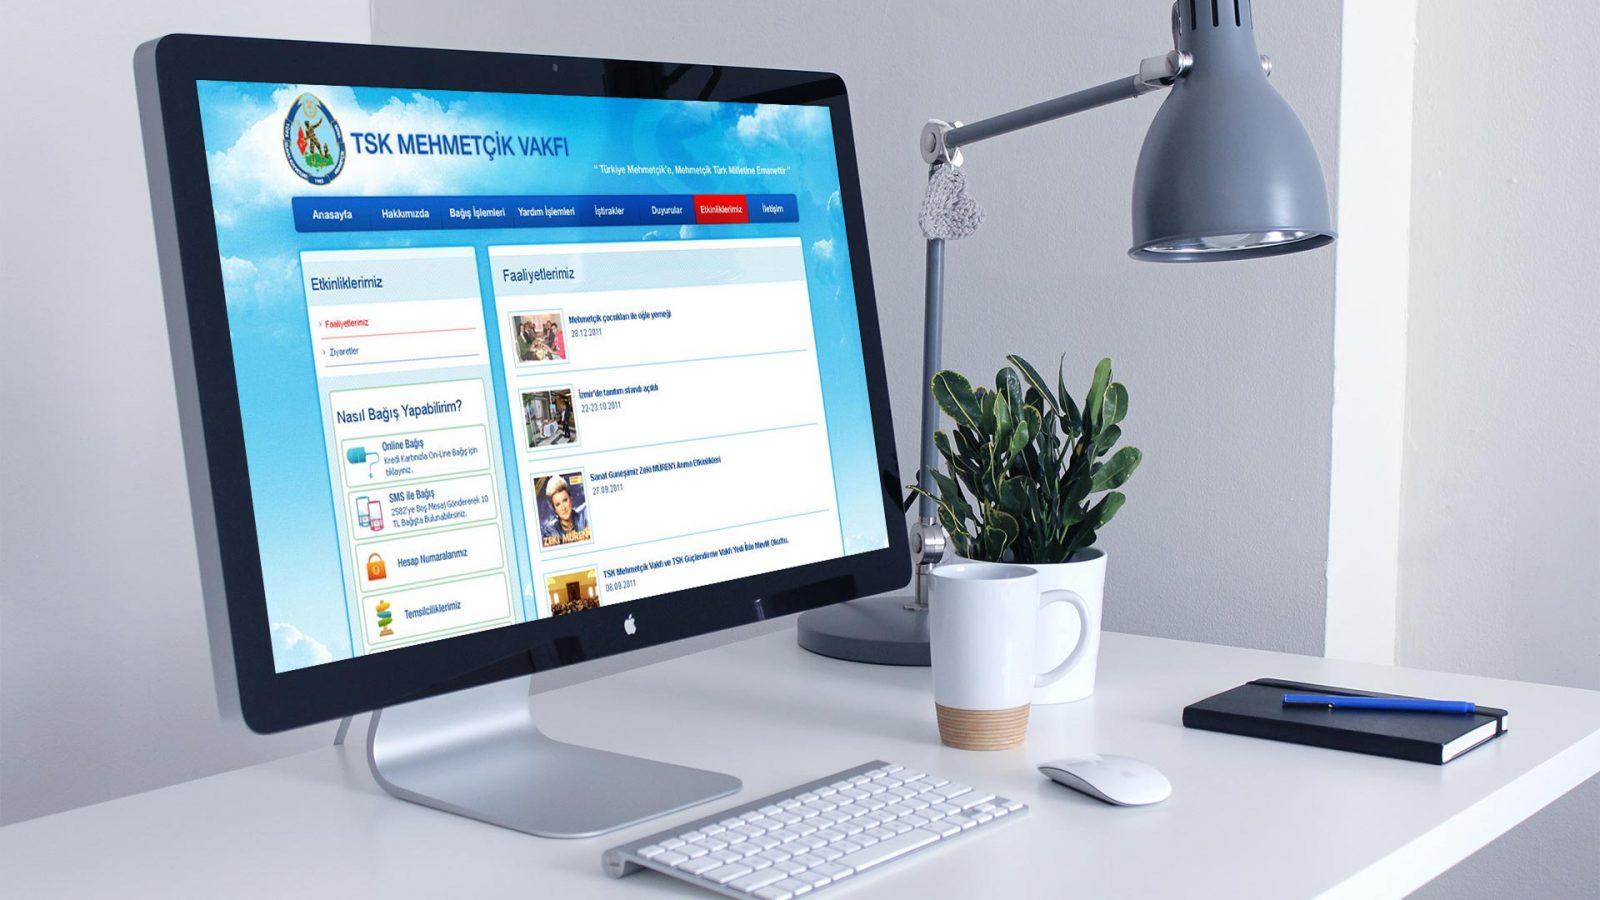 mehmetcik vakfı web sitesi tasarımı 03